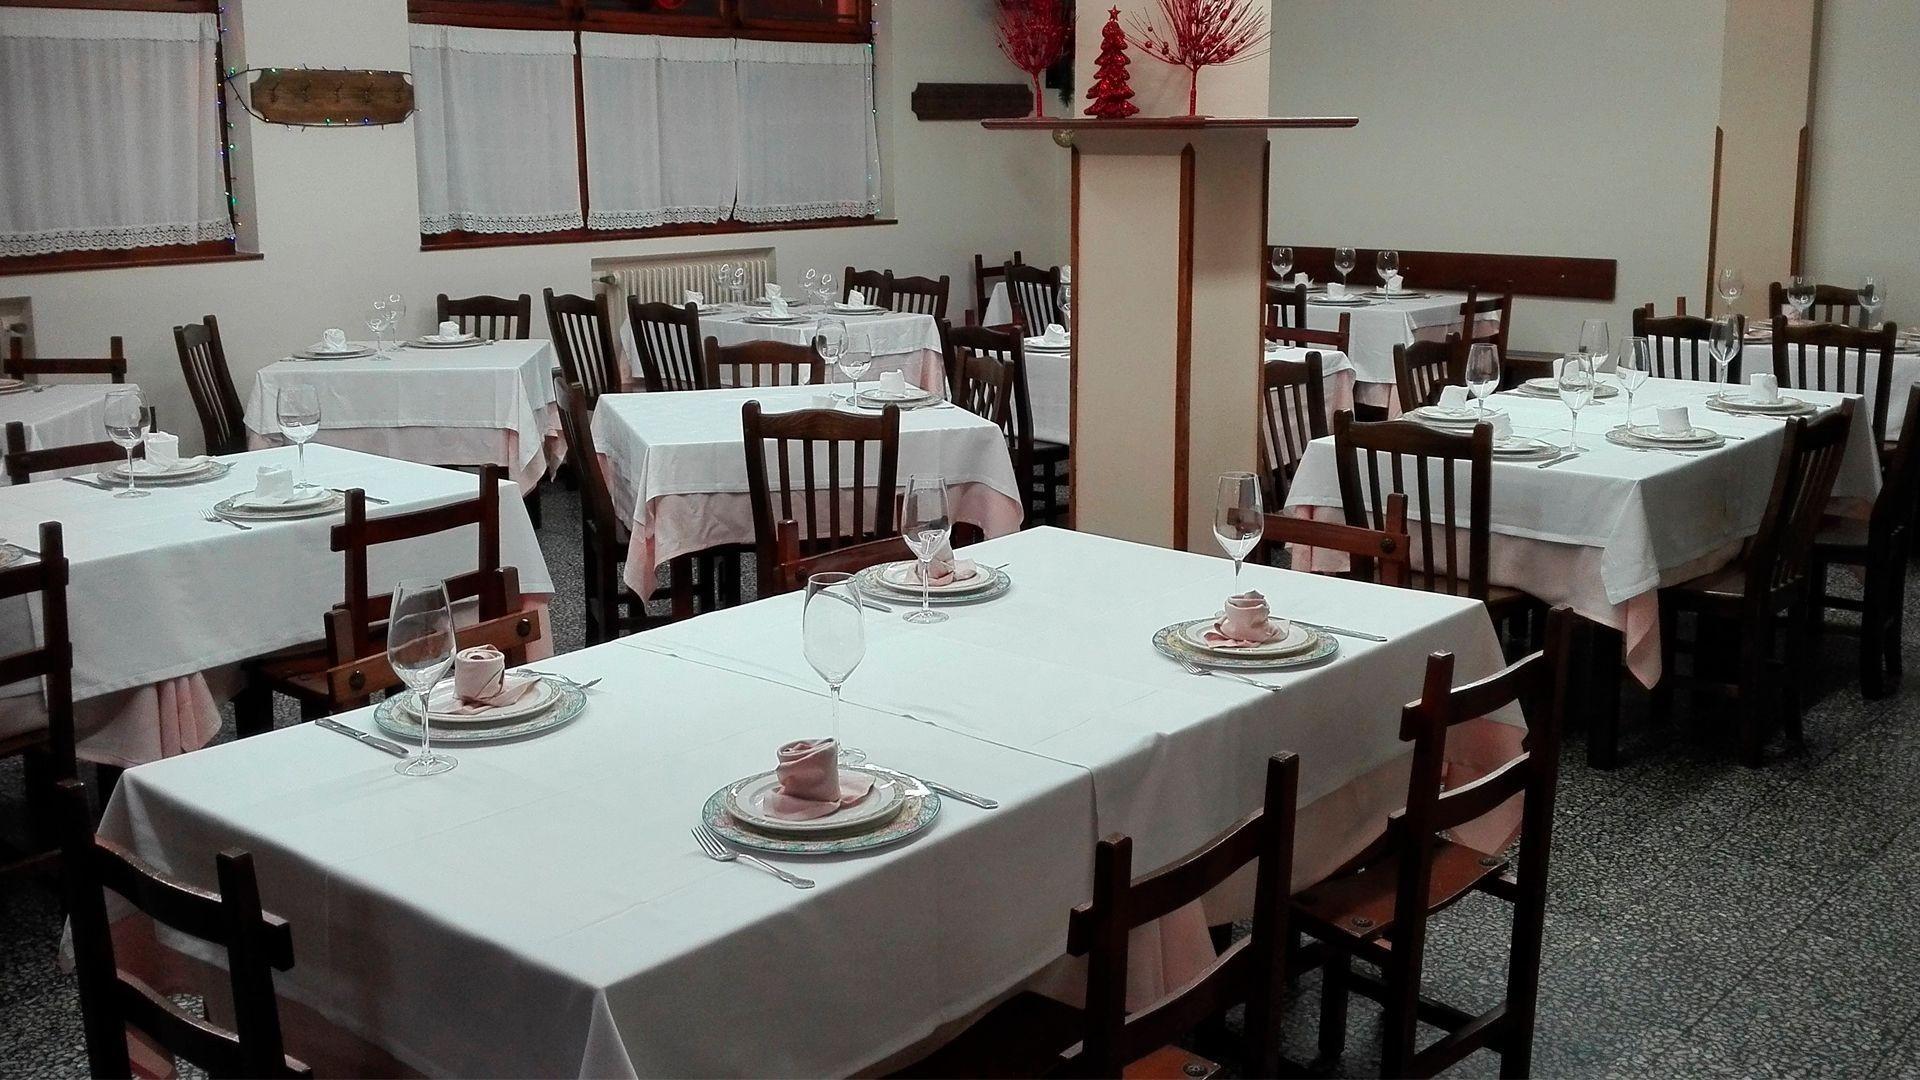 Restaurante sidrería en Villaviciosa, Asturias